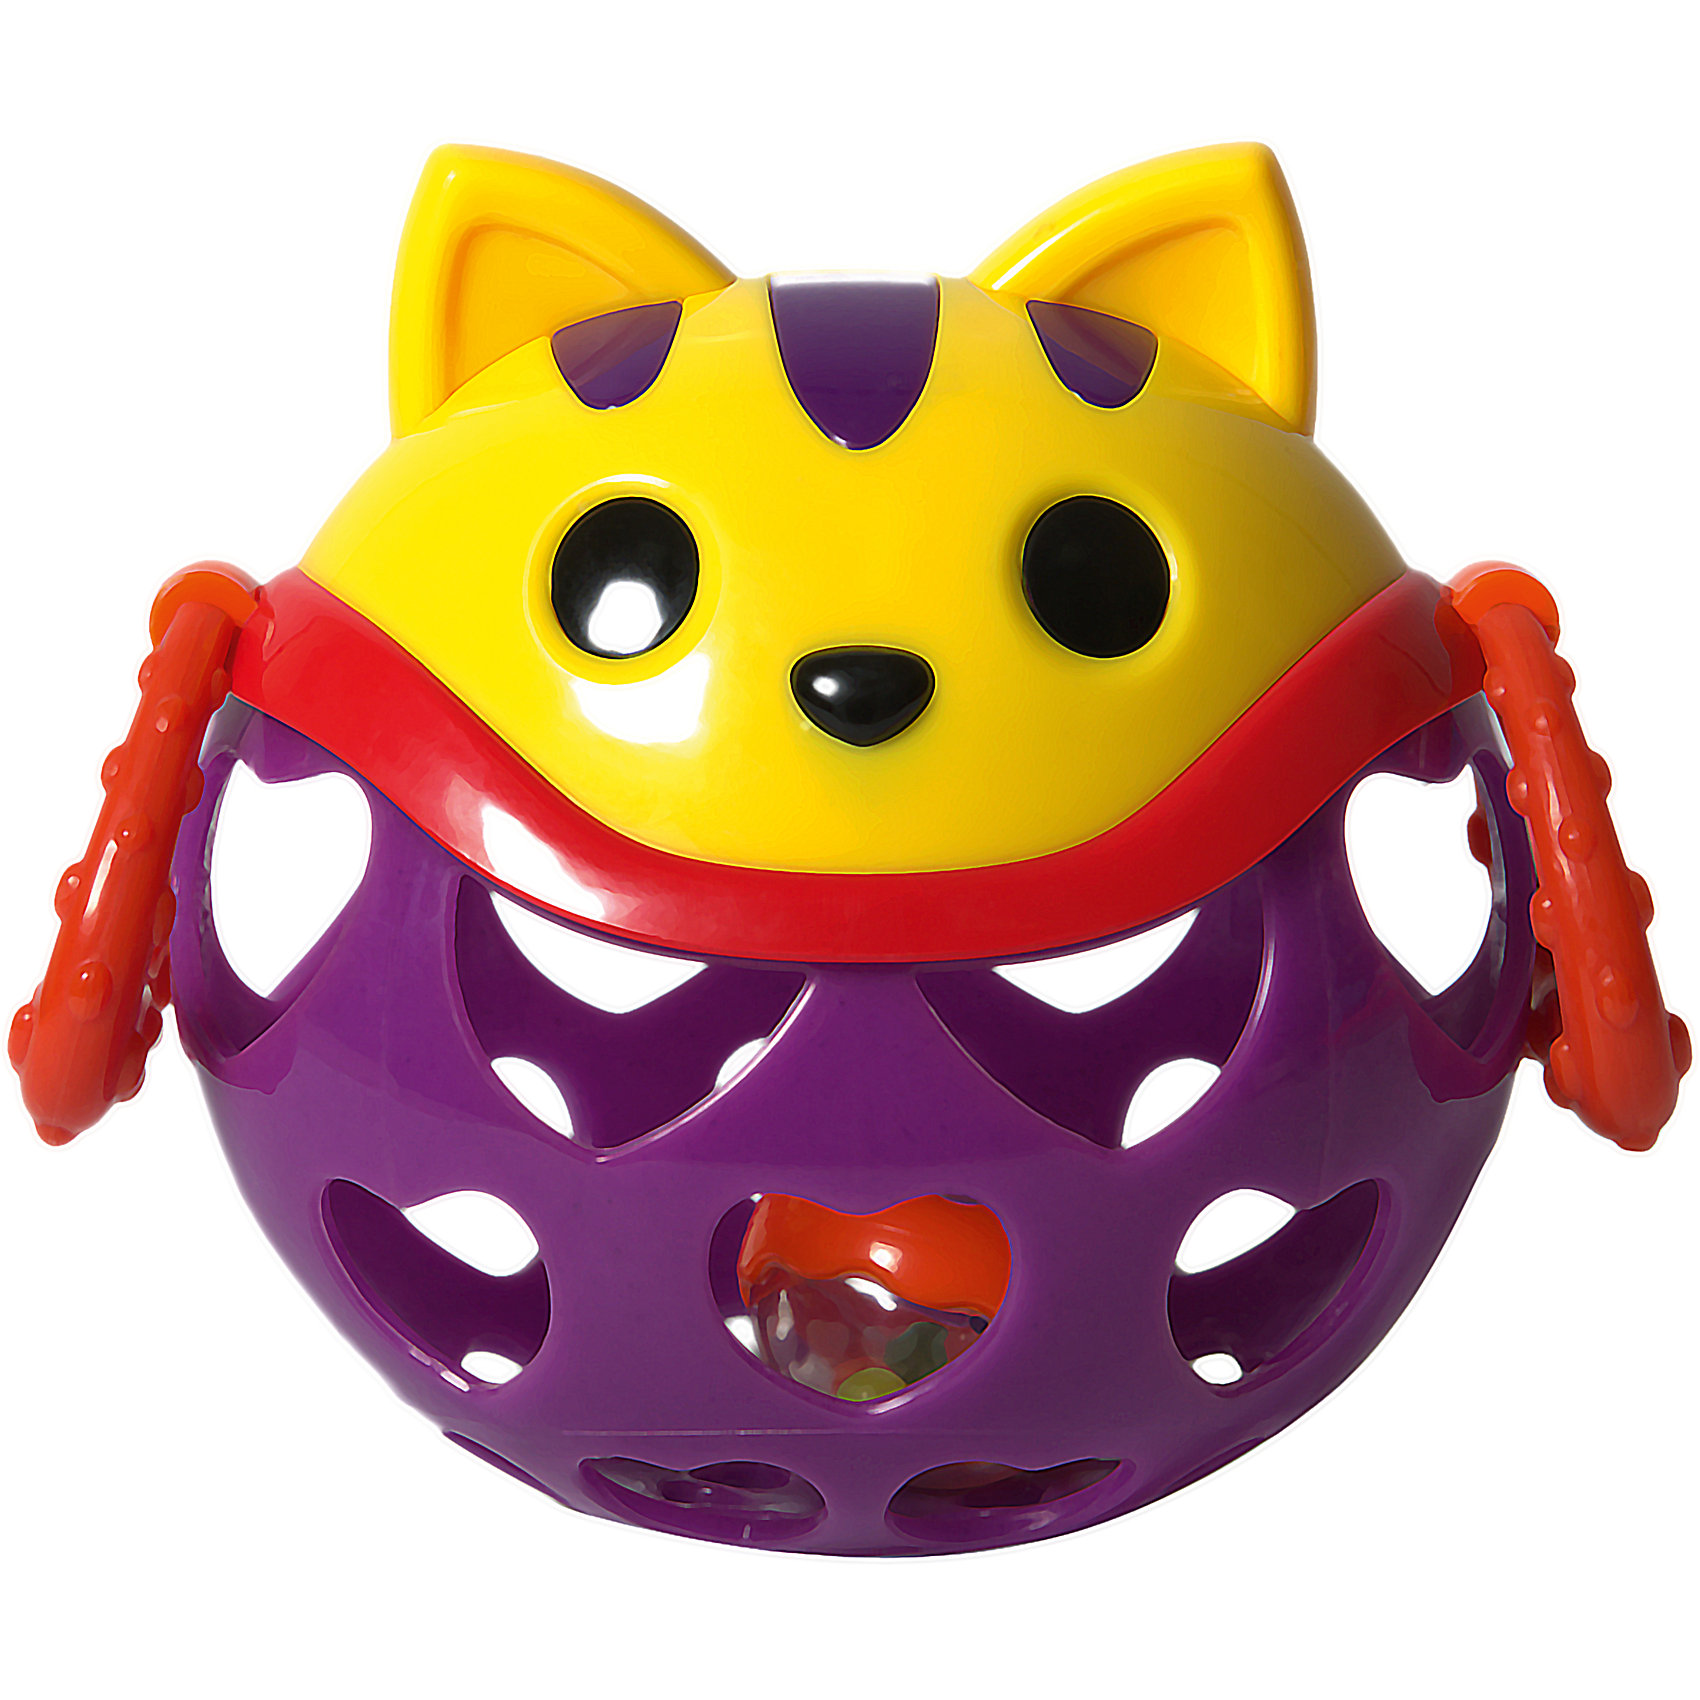 Игрушка-неразбивайка Кошка, Baby TrendПогремушки<br>Смешной котёнок – играй, веселись и развивайся!<br><br>Внутри игрушки спрятана погремушка, которая издают забавнёт звуки, когда малыш трясёт её<br>Рельефные ручки можно использовать в качестве прорезывателей для зубок – они успокоят нежные дёсны малыша<br>Благодаря уникальной форме игрушку удобно держать маленькими пальчиками<br>Выполнена из мягкого гибкого пластика<br>Развивает моторику, слух, зрение<br><br>Размер игрушки: 11 х 11,5 см х 7,5 см<br>Размер упаковки: 16,5 х 11,5 х 7,5 см<br><br>Ширина мм: 140<br>Глубина мм: 135<br>Высота мм: 105<br>Вес г: 181<br>Возраст от месяцев: 3<br>Возраст до месяцев: 2147483647<br>Пол: Унисекс<br>Возраст: Детский<br>SKU: 6872171